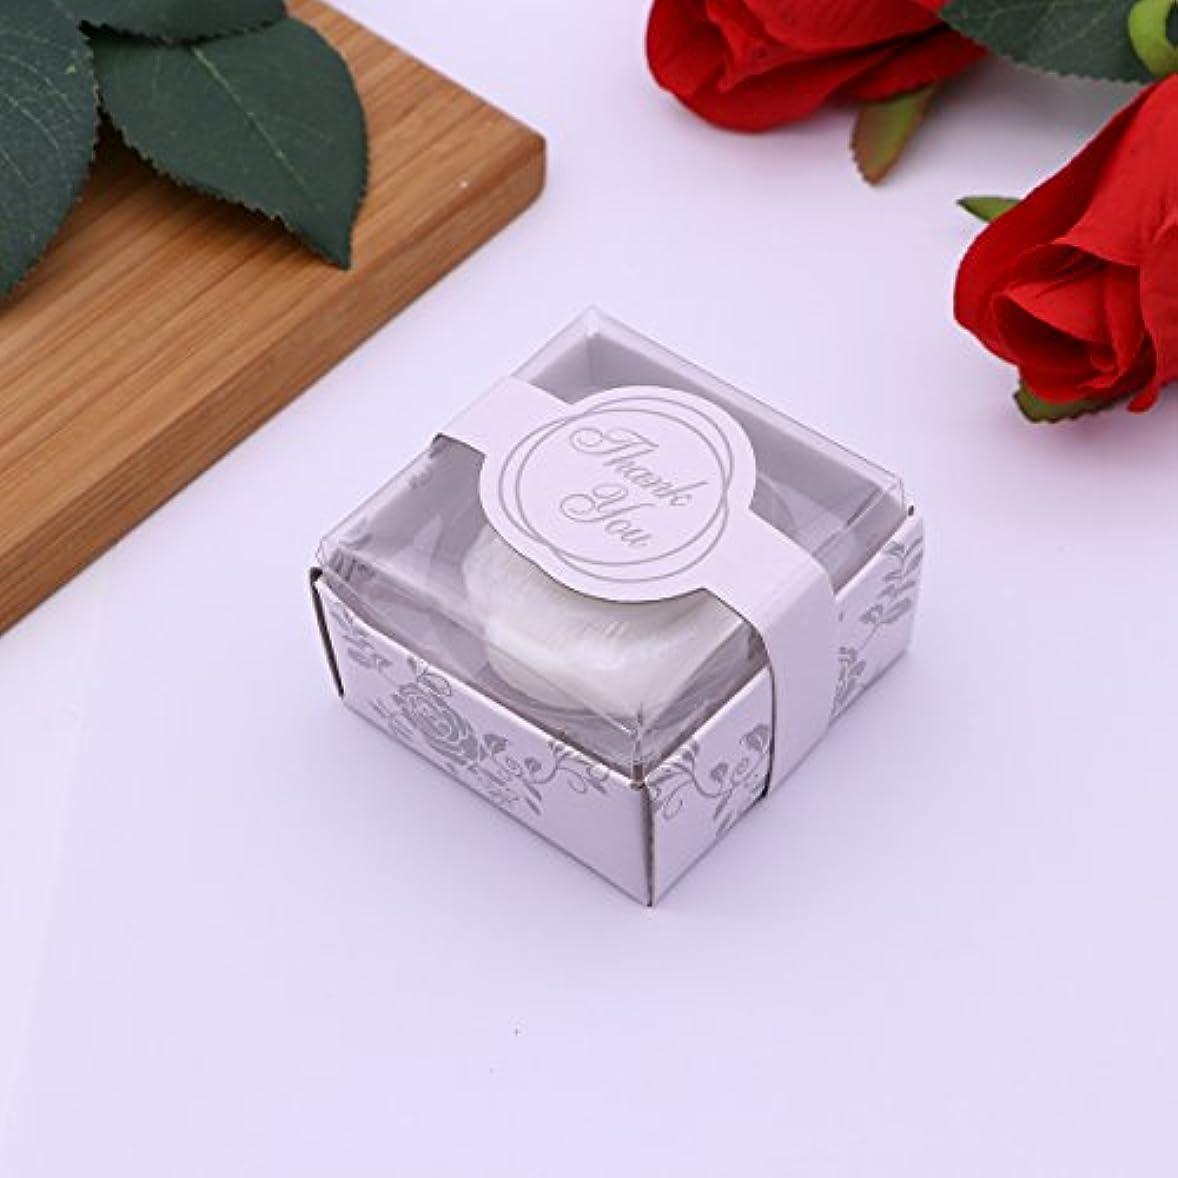 従者哲学トラブルAmosfun 手作り石鹸オイルローズフラワーソープアロマエッセンシャルオイルギフト記念日誕生日結婚式バレンタインデー(ホワイト)20ピース